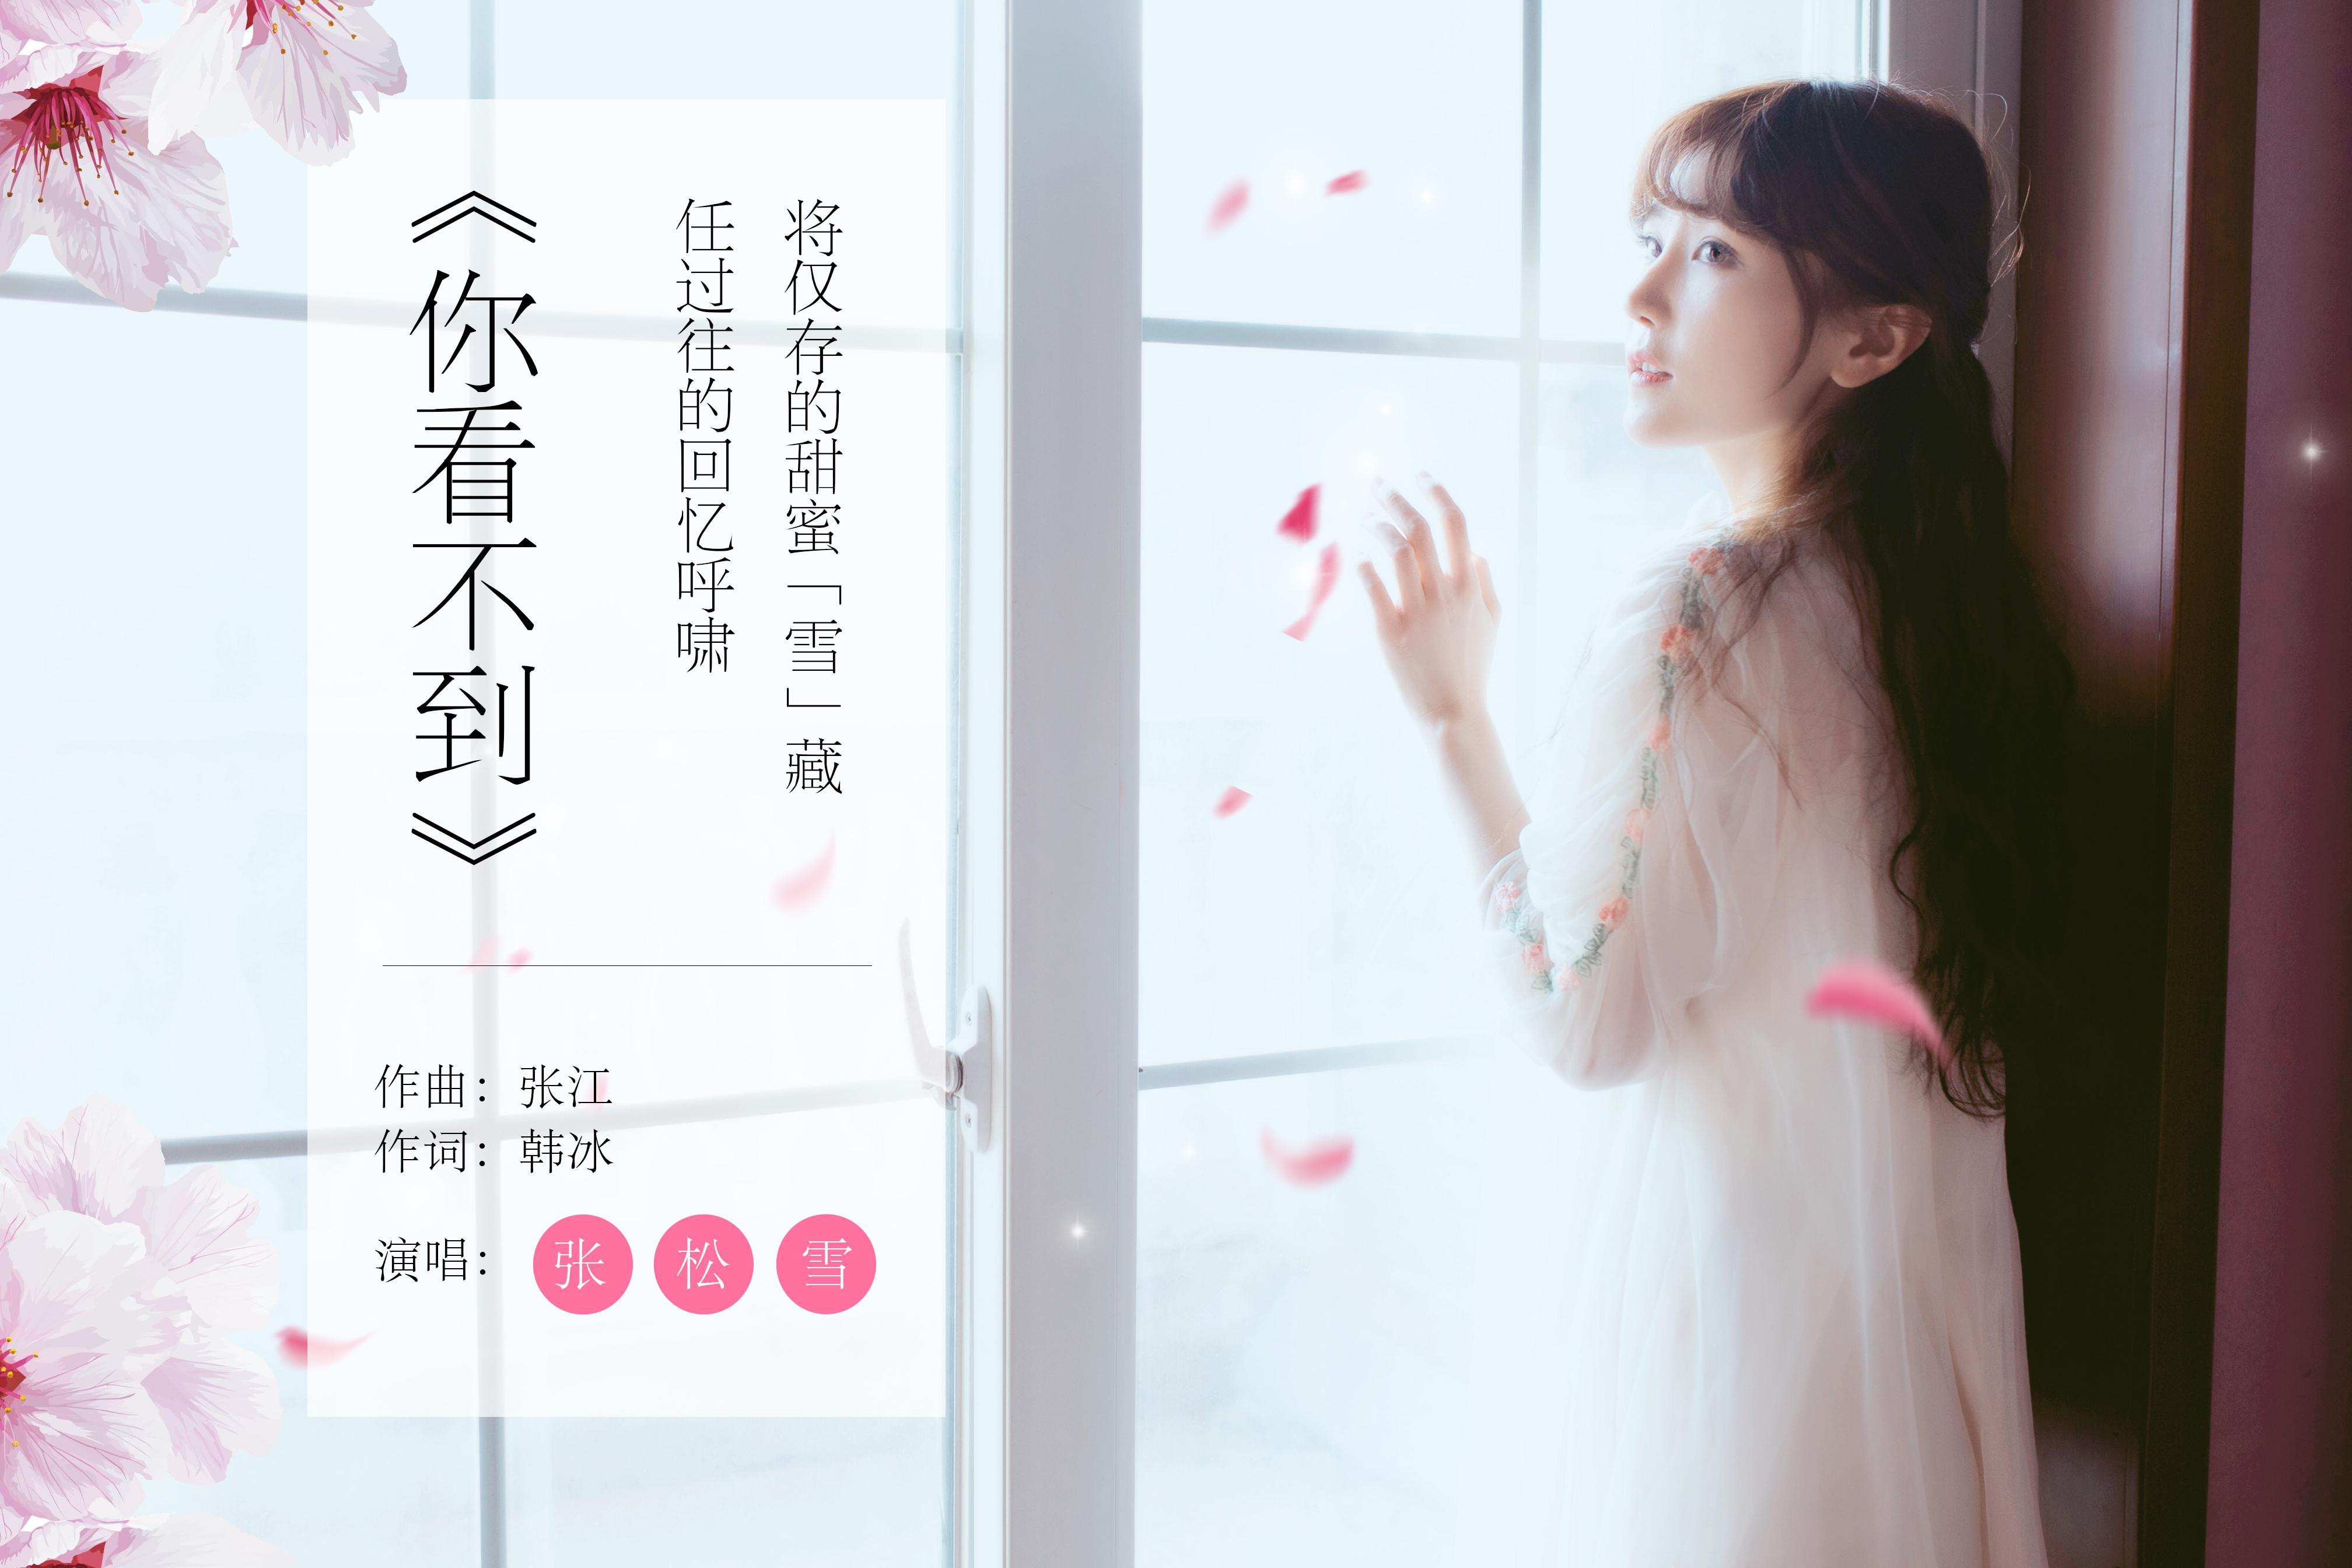 张松雪首单《你看不到》上线  演绎动人情歌